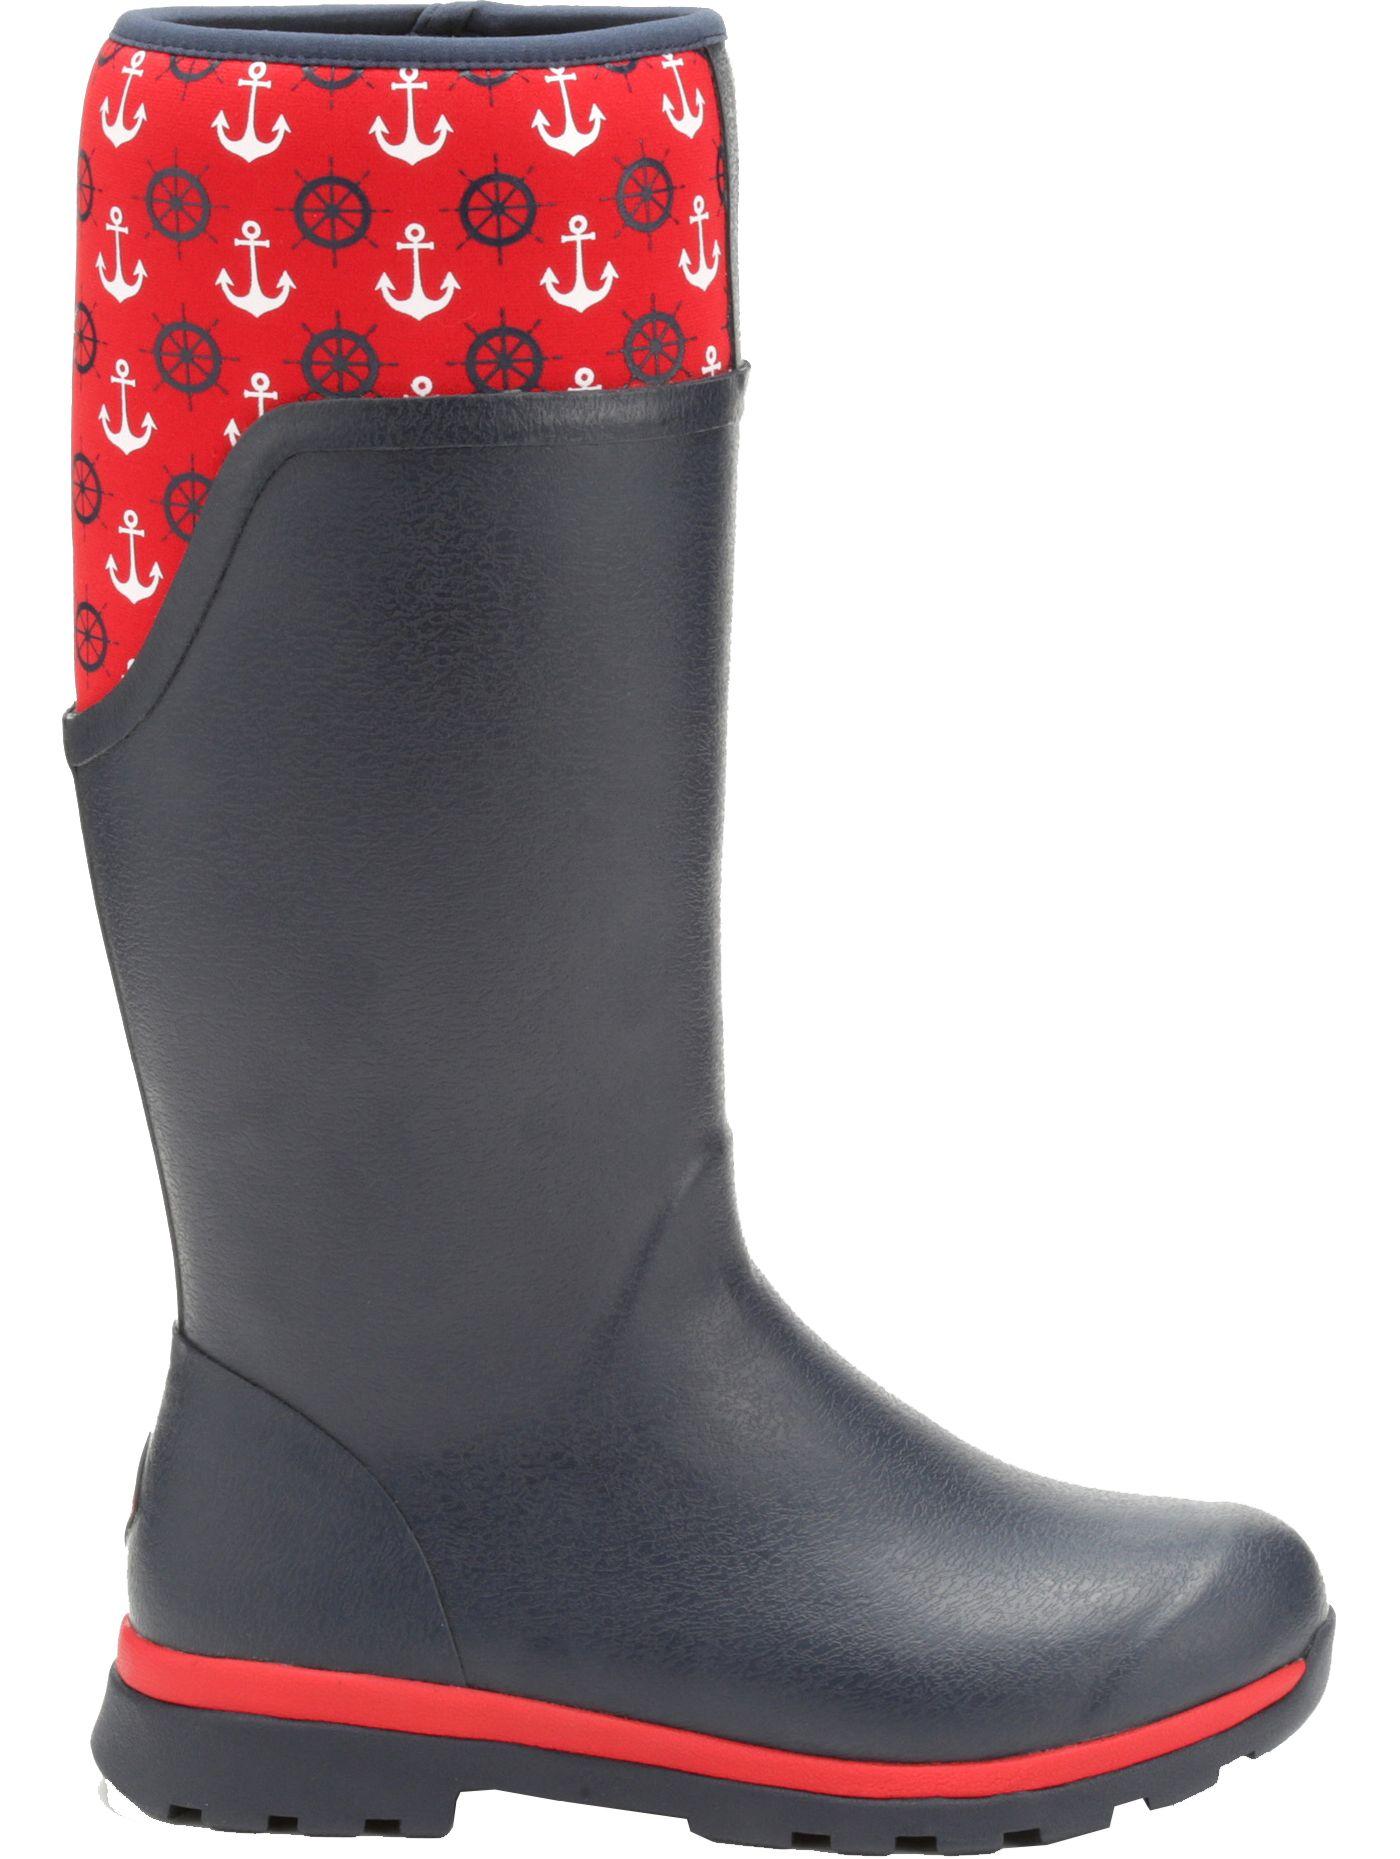 Muck Boots Women's Cambridge Anchors Tall Rain Boots